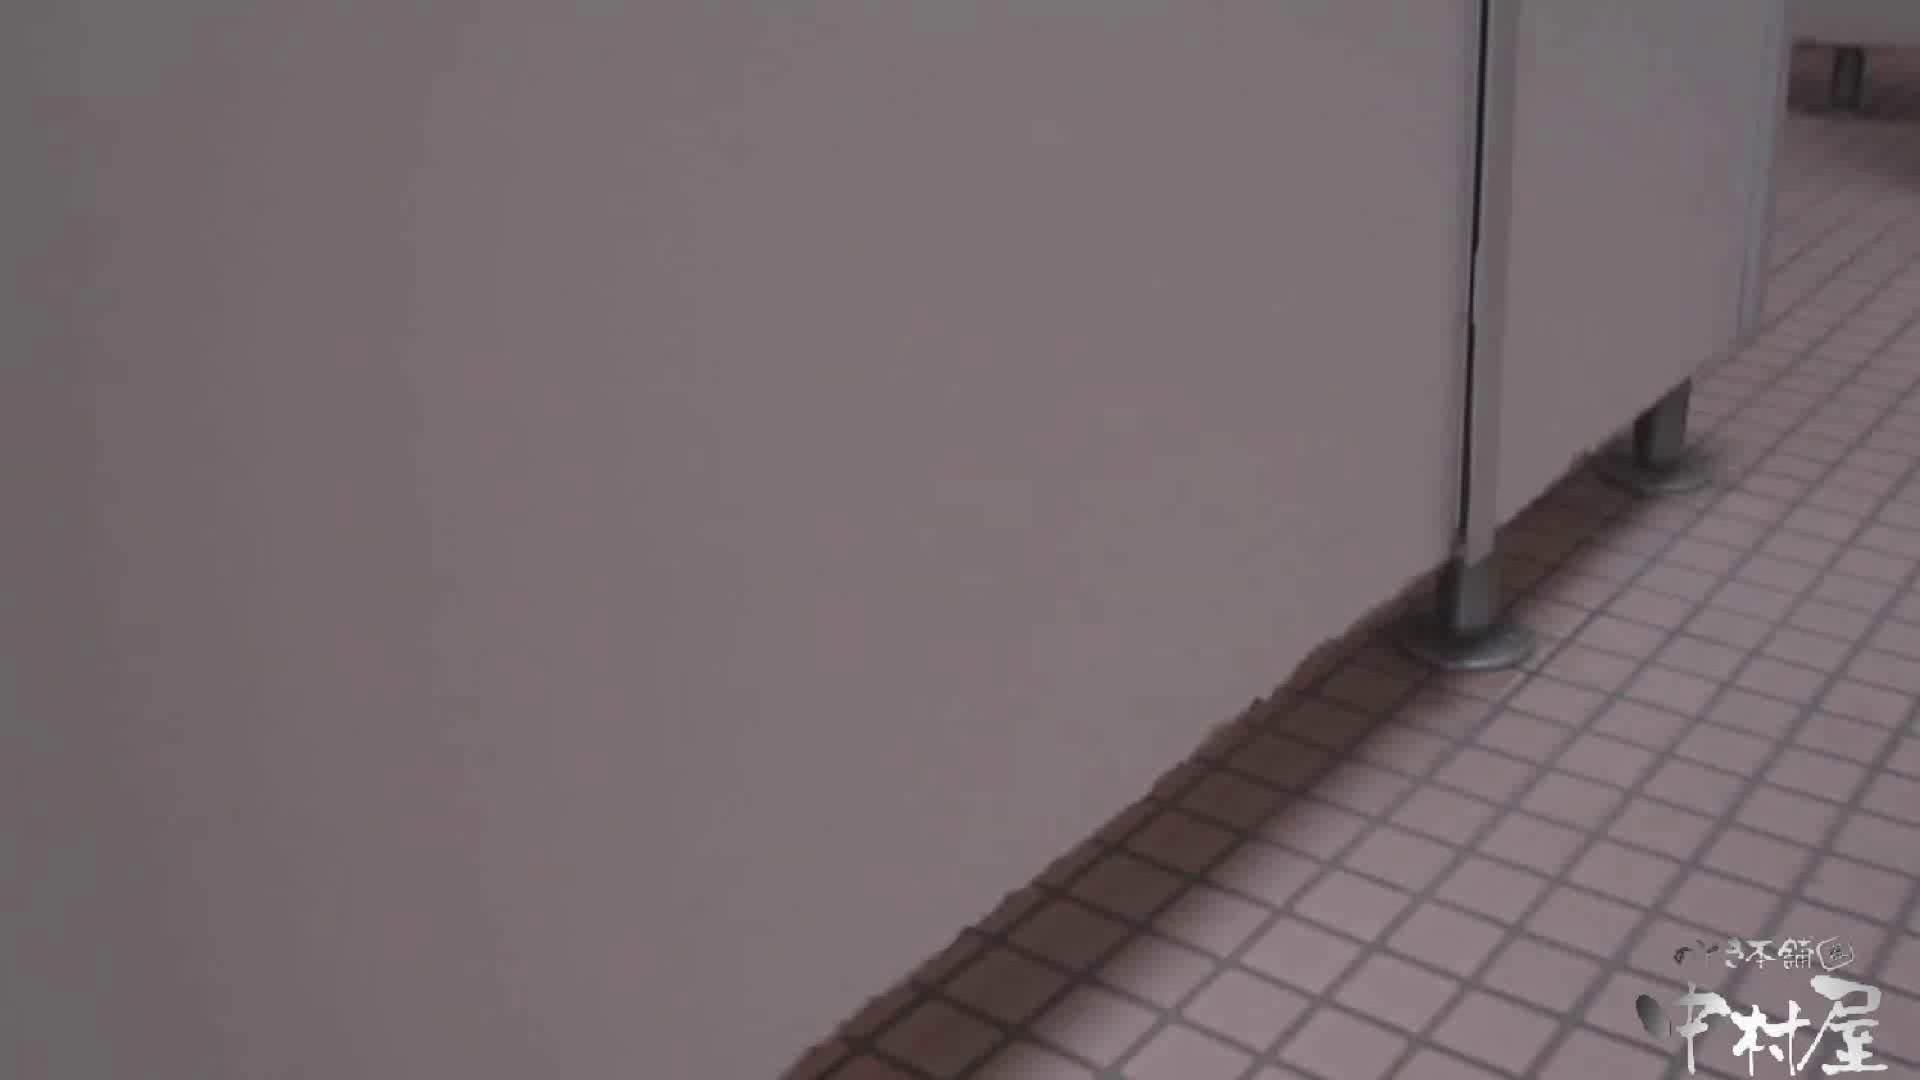 ヤリマンのオマンコ:魂のかわや盗撮62連発! 超脱肛ギャル! 3発目!:のぞき本舗 中村屋